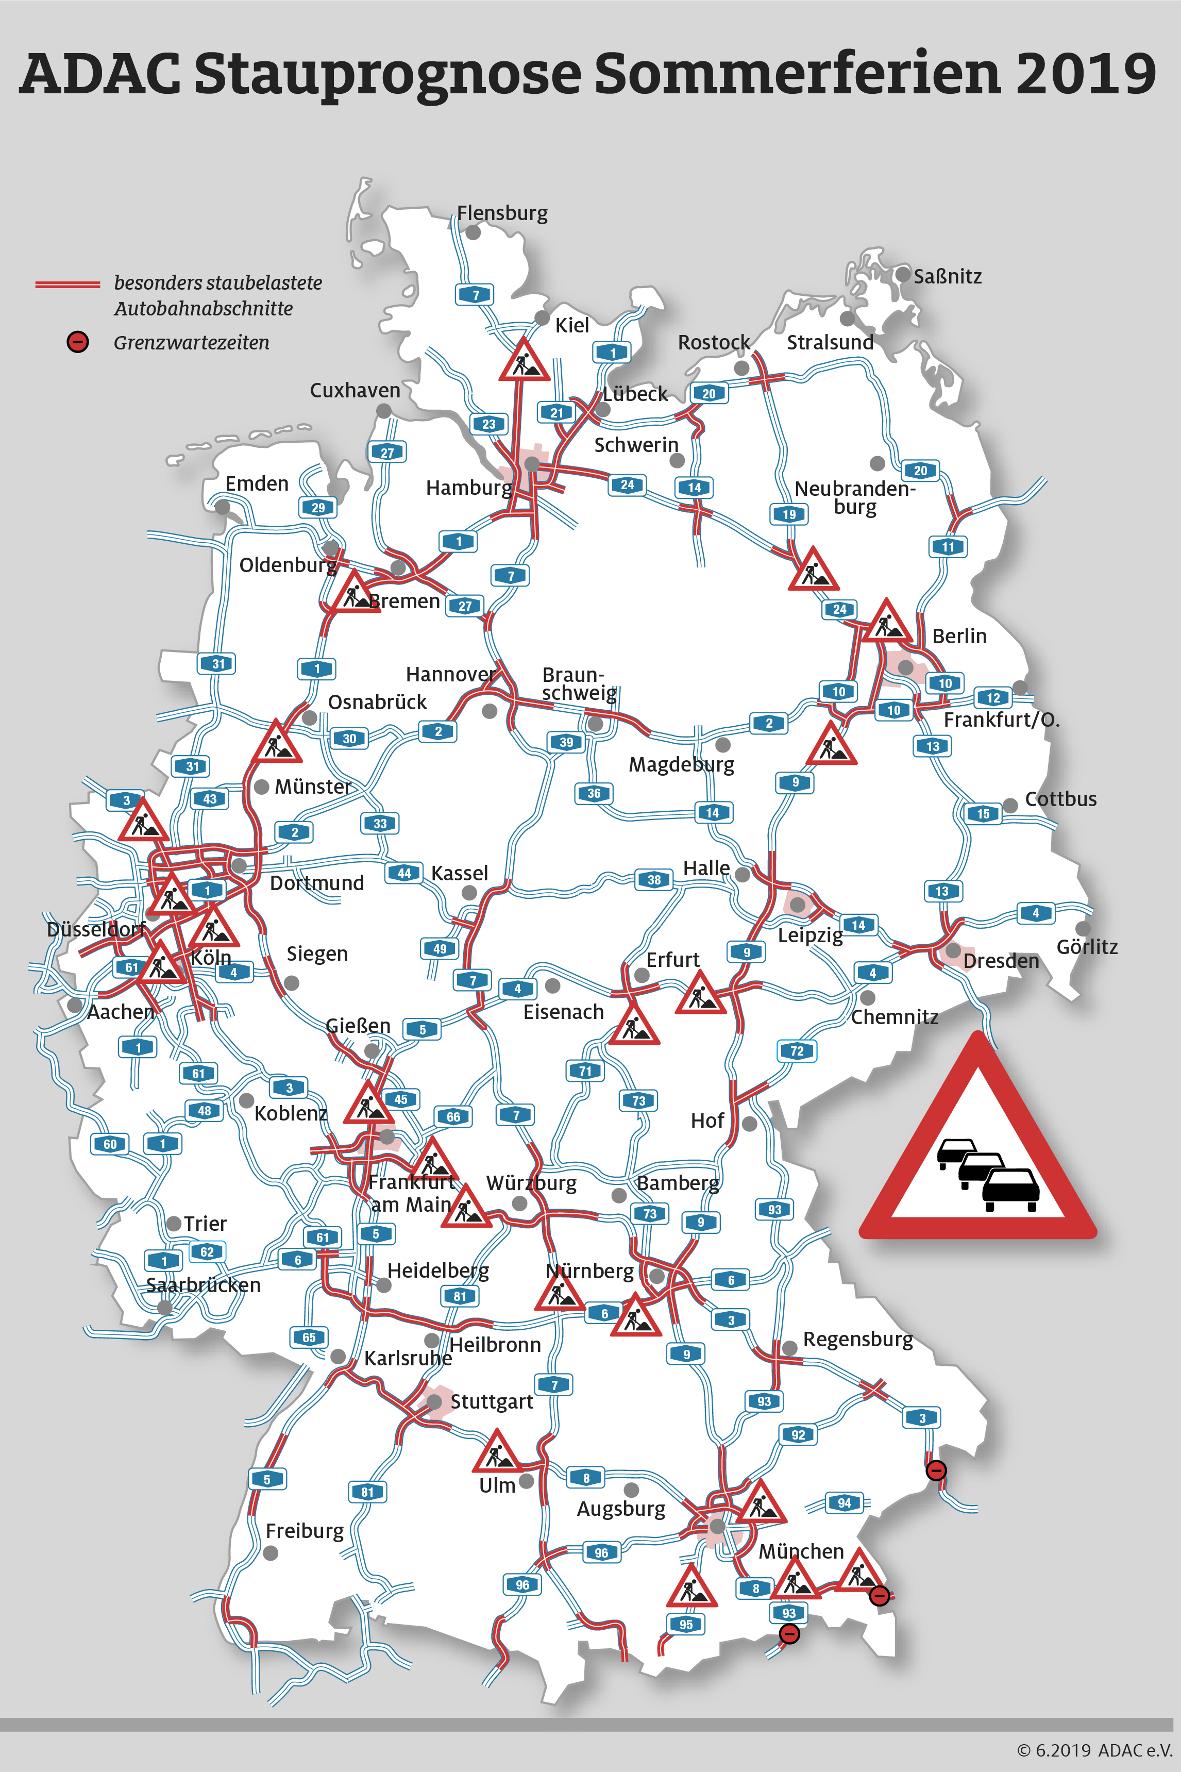 mid Groß-Gerau - Pfingsten geht es auf Deutschlands Straßen wieder hoch her. Der ADAC zeigt, wo es besonders eng werden könnte. ADAC